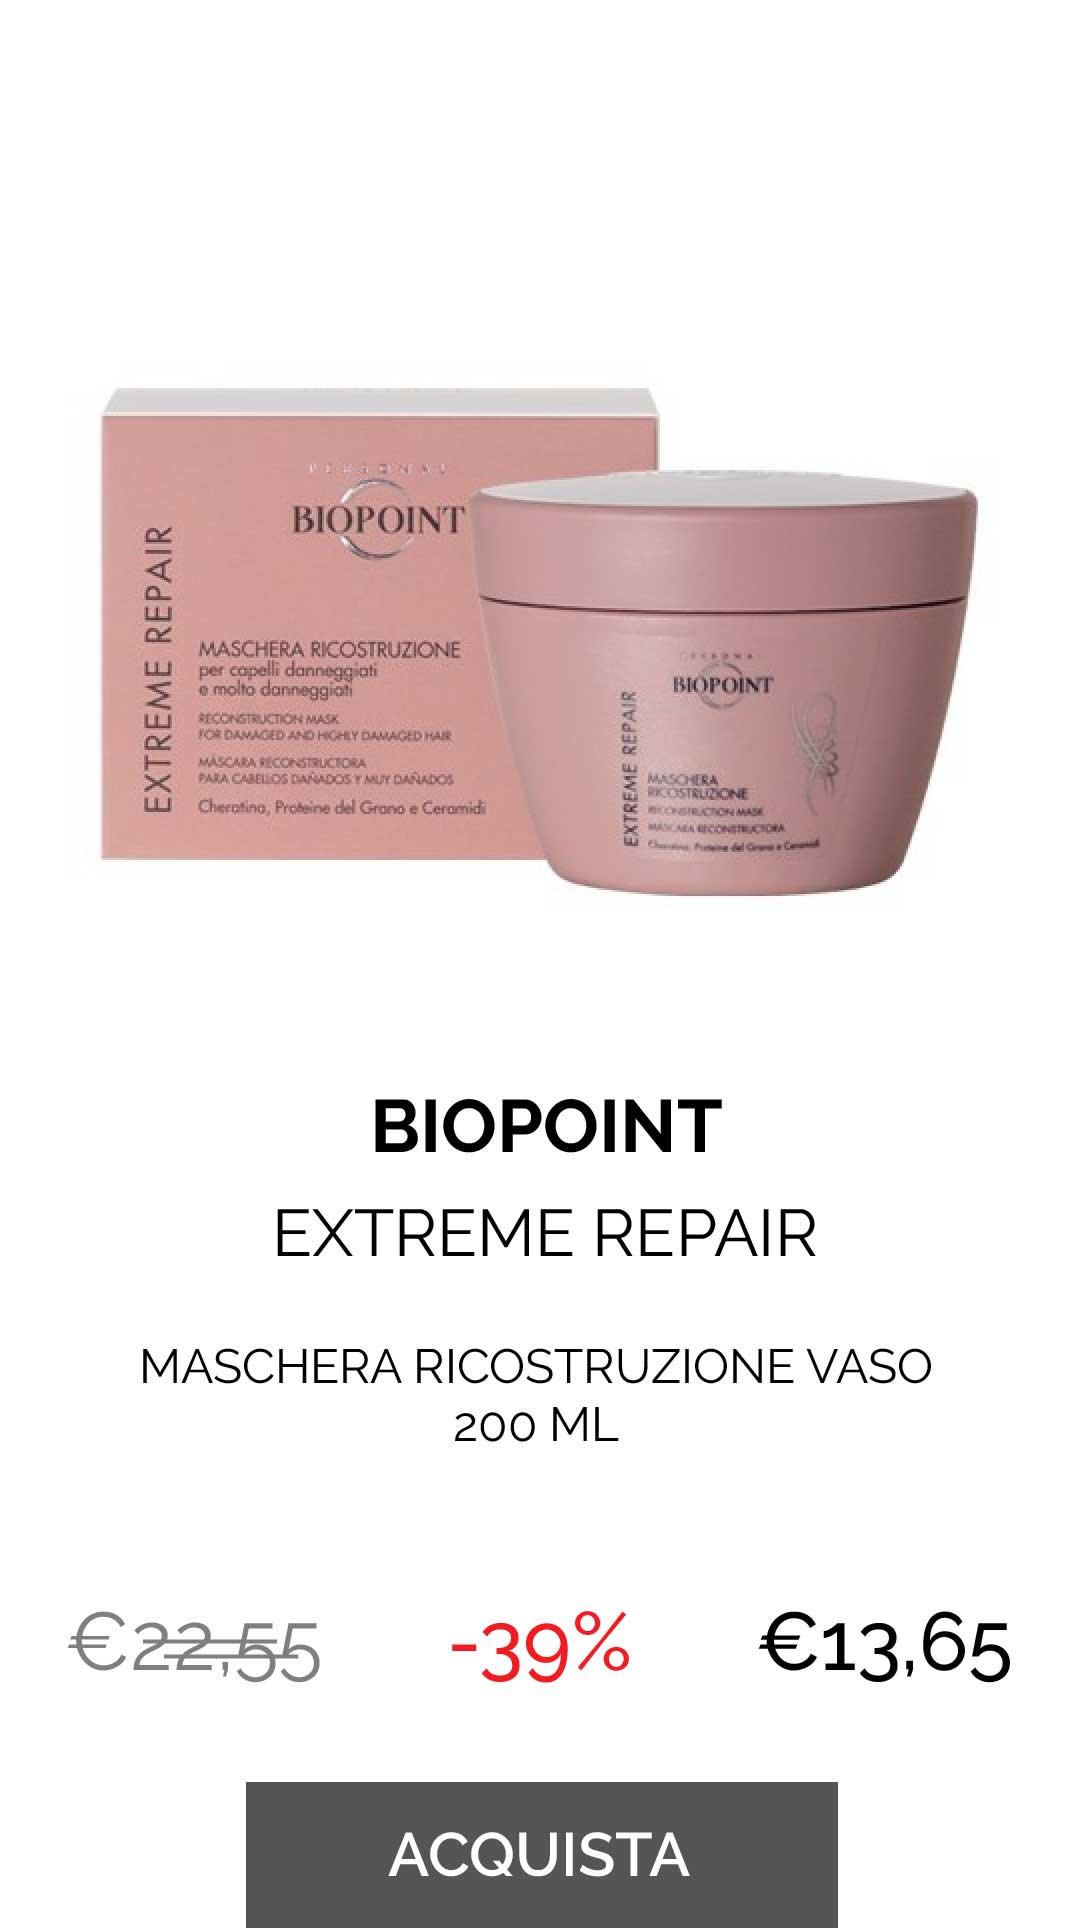 BIOPOINT - MASCHERA RICOSTRUZIONE VASO 200 ML